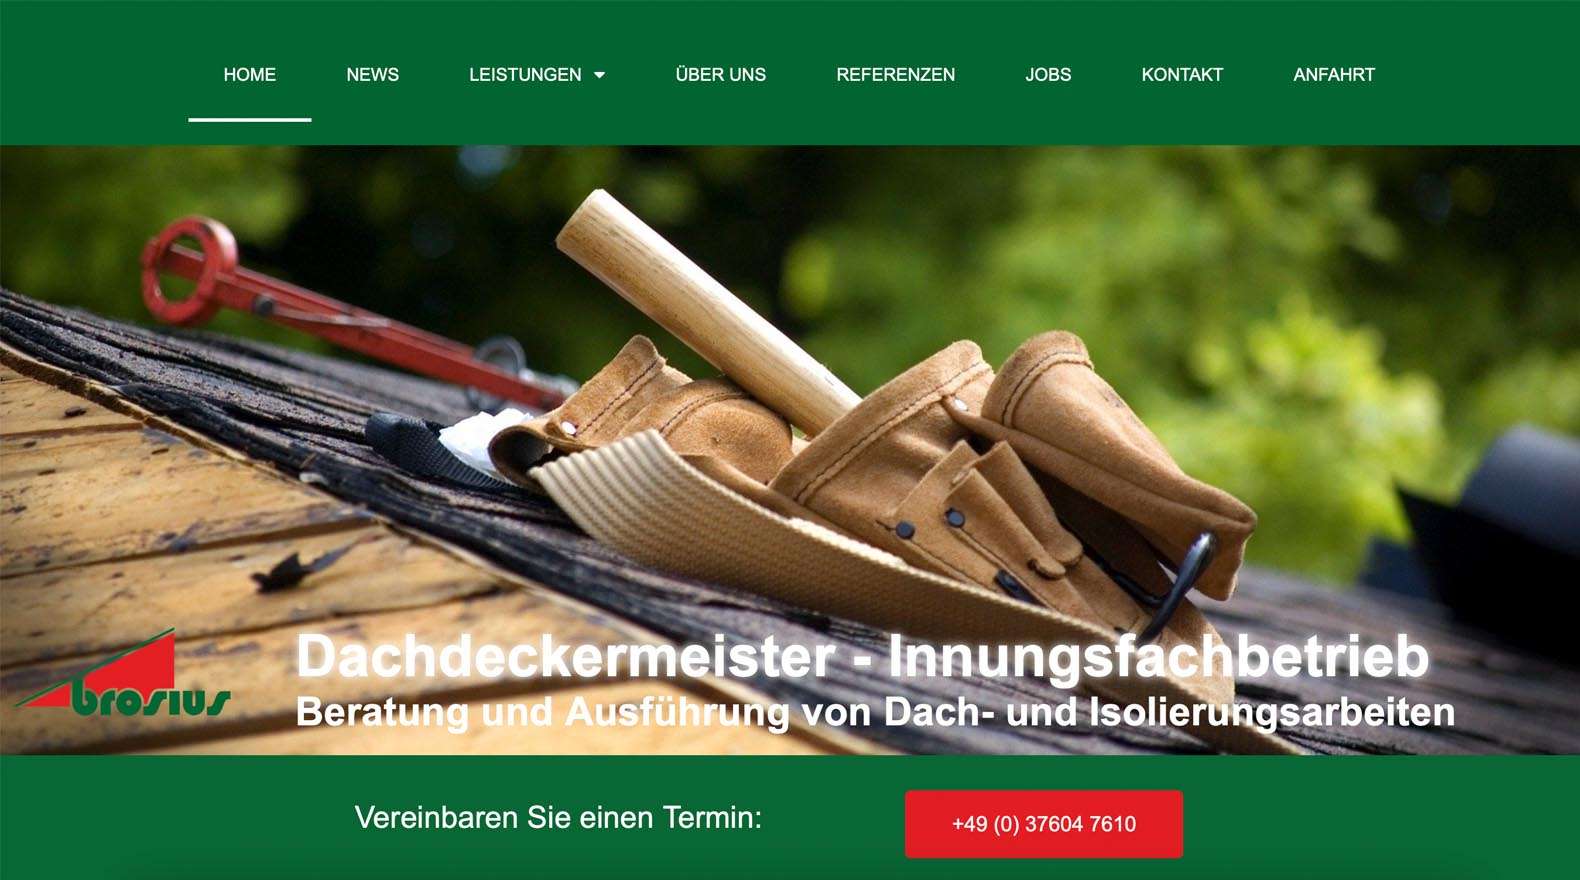 webprojekt-chemnitz-referenz-daachdecker